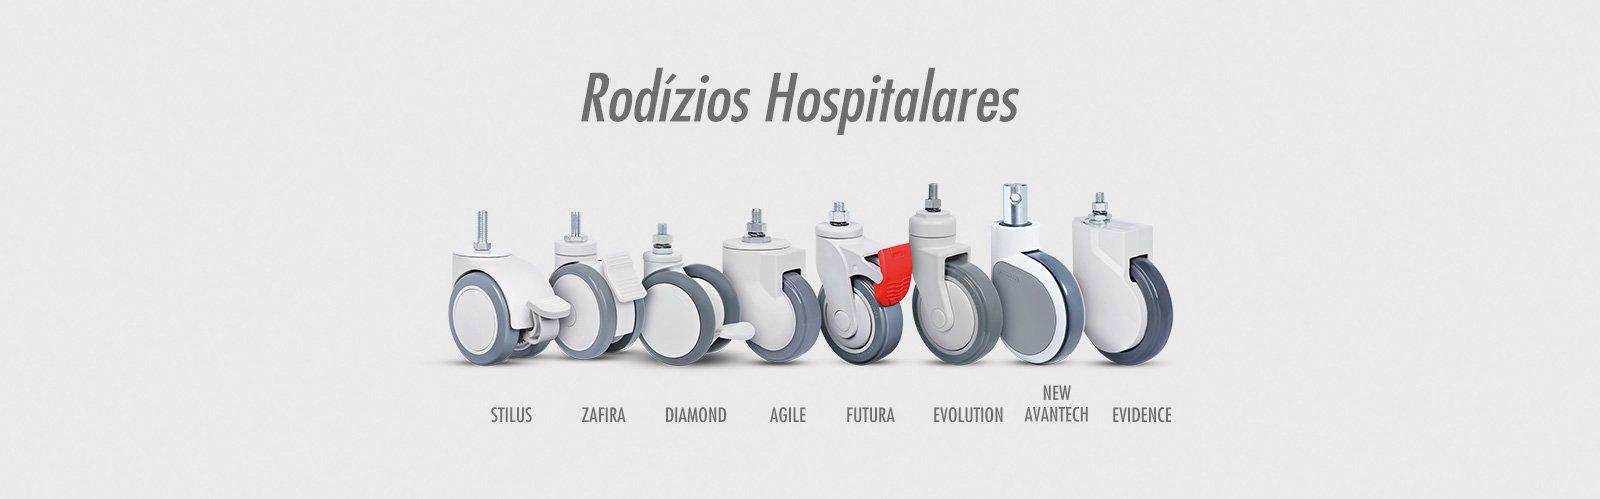 Rodízios Hospitalares